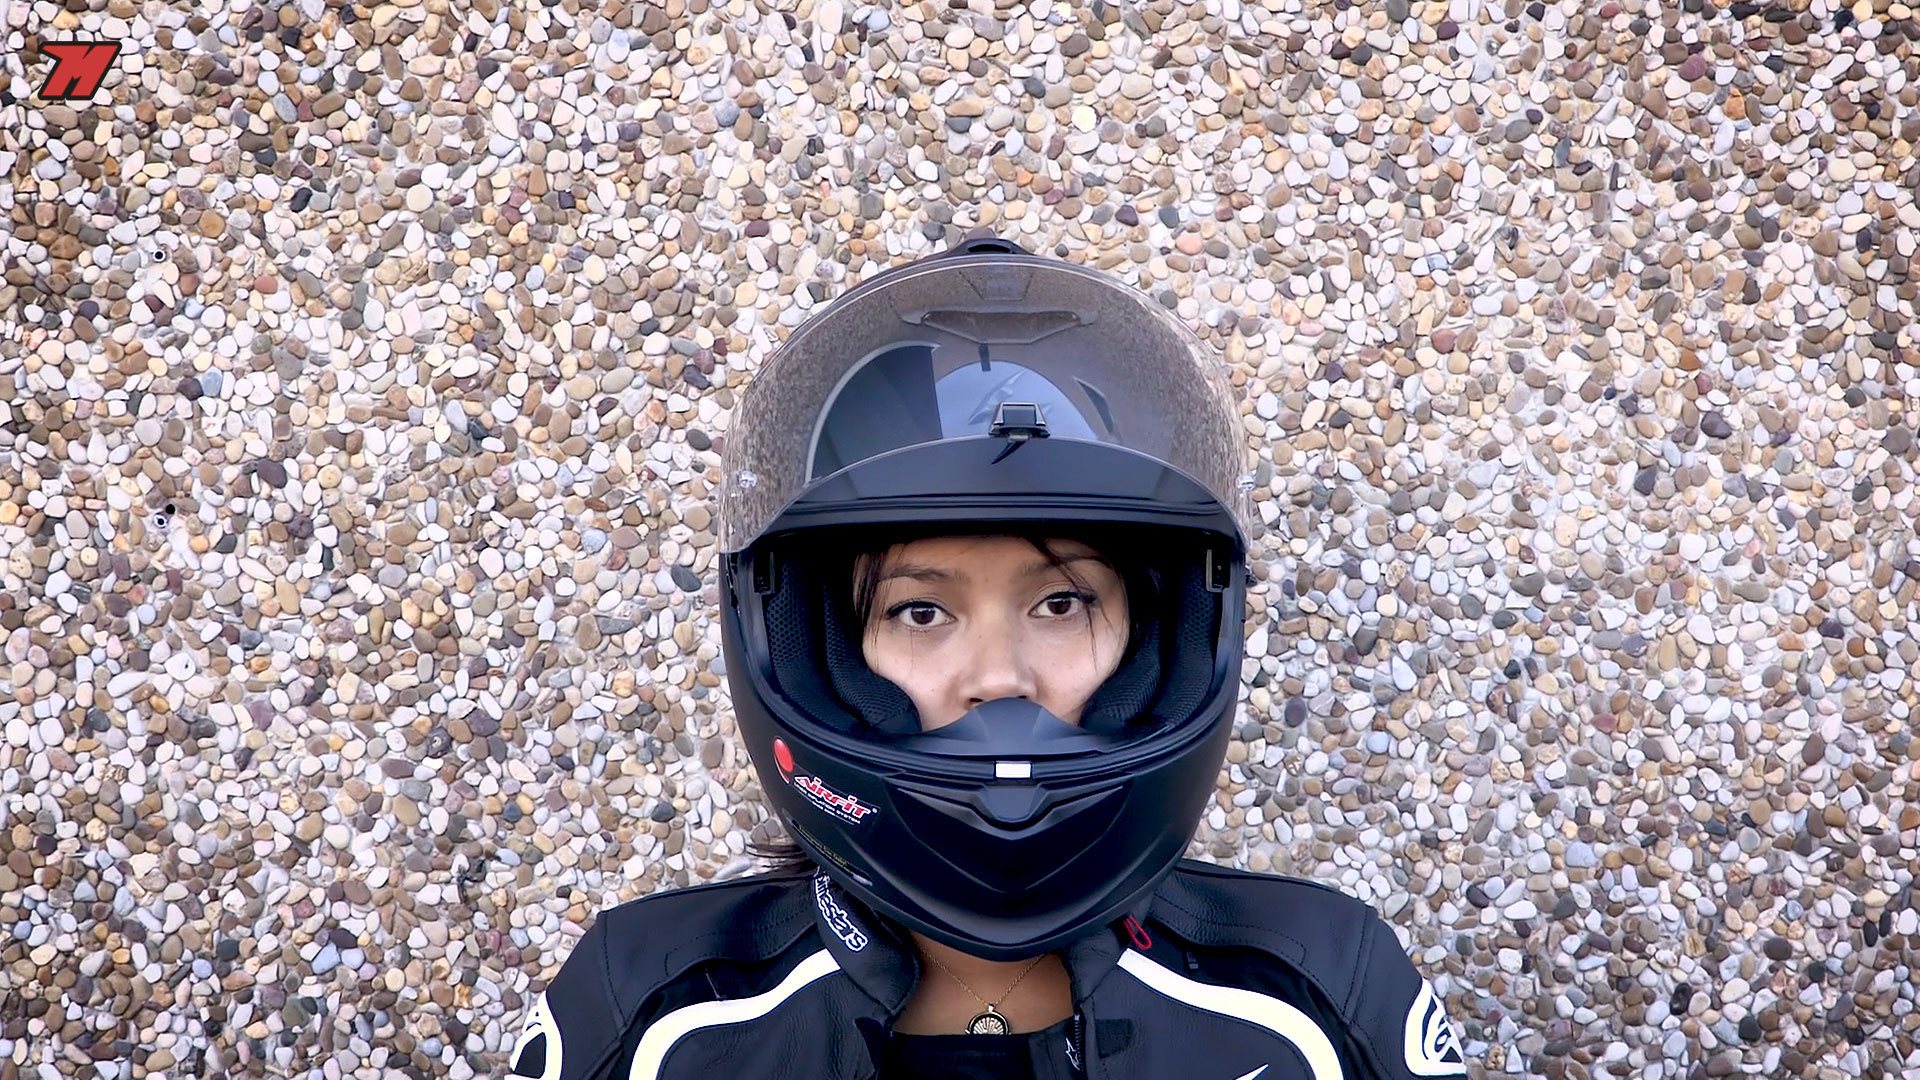 Quel Est Le Meilleur Casque Moto 2019 Comparatif Prix Et Avis